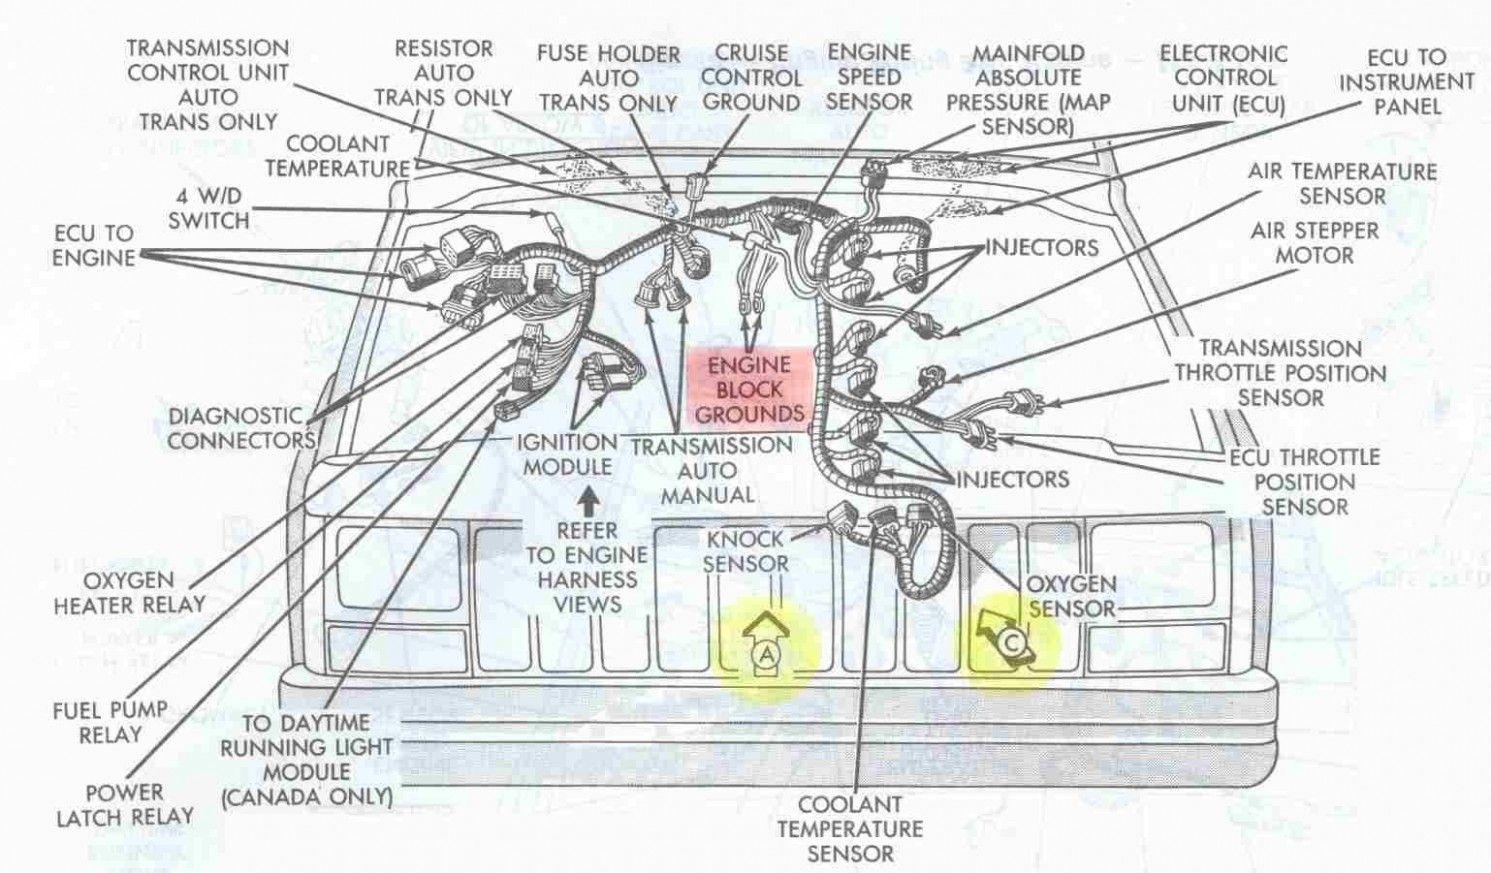 Jeep 6.6 Engine Diagram Uk di 2020 | Mobil Pinterest